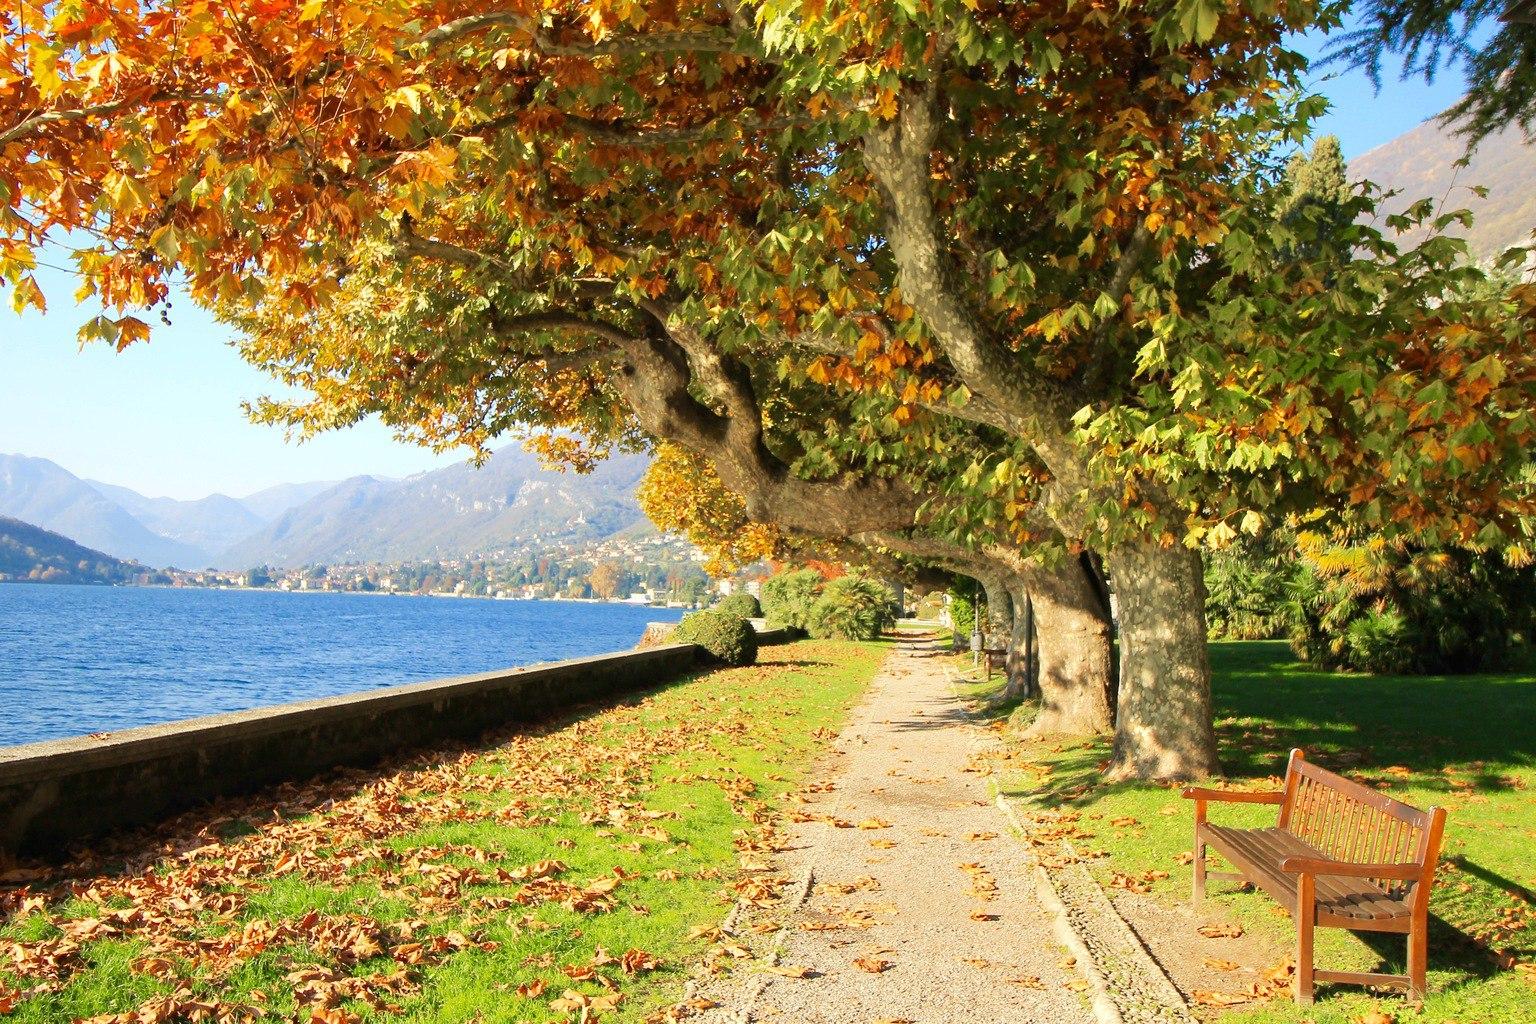 Travel to Lake Como, Italy